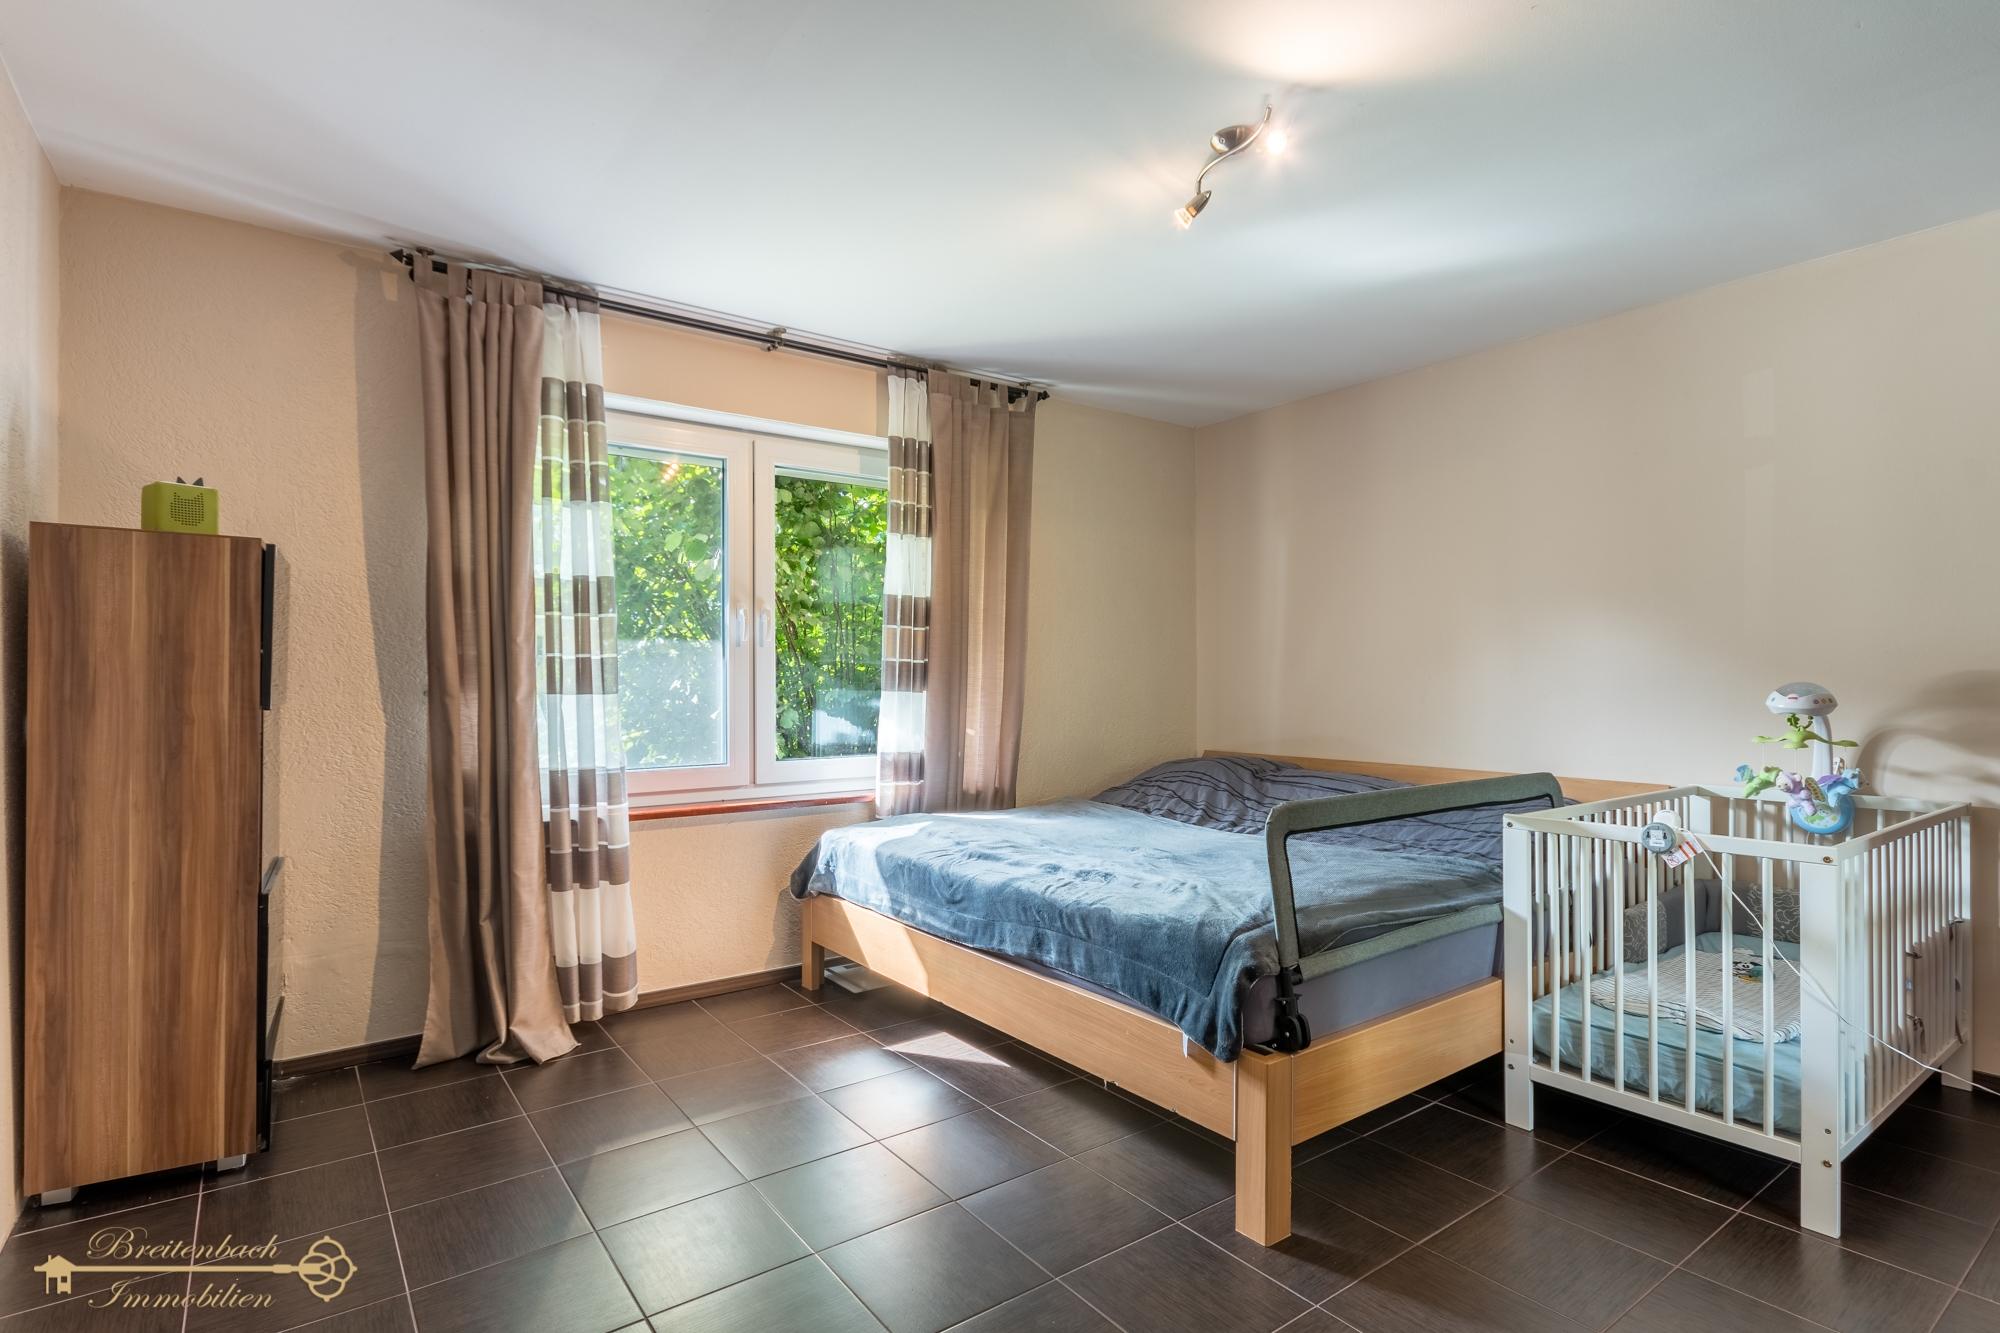 2020-09-06-Breitenbach-Immobilien-1